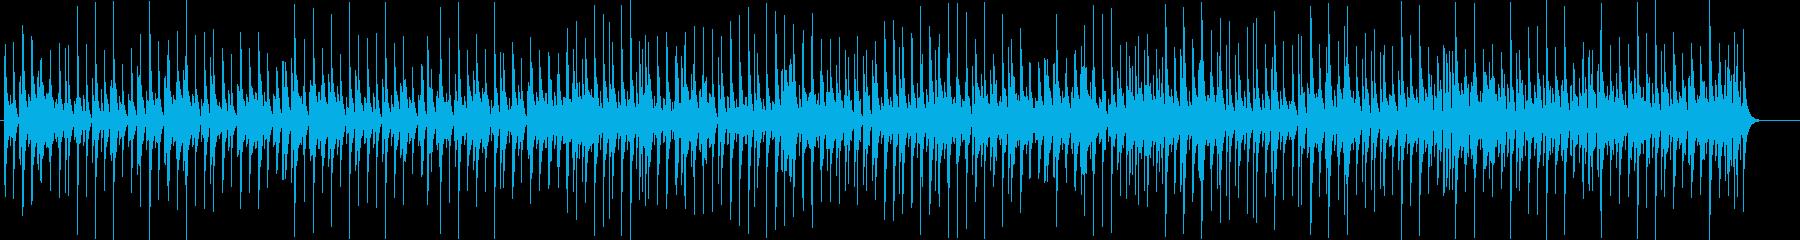 リズムゲーム風 陽気なバンジョーでの再生済みの波形